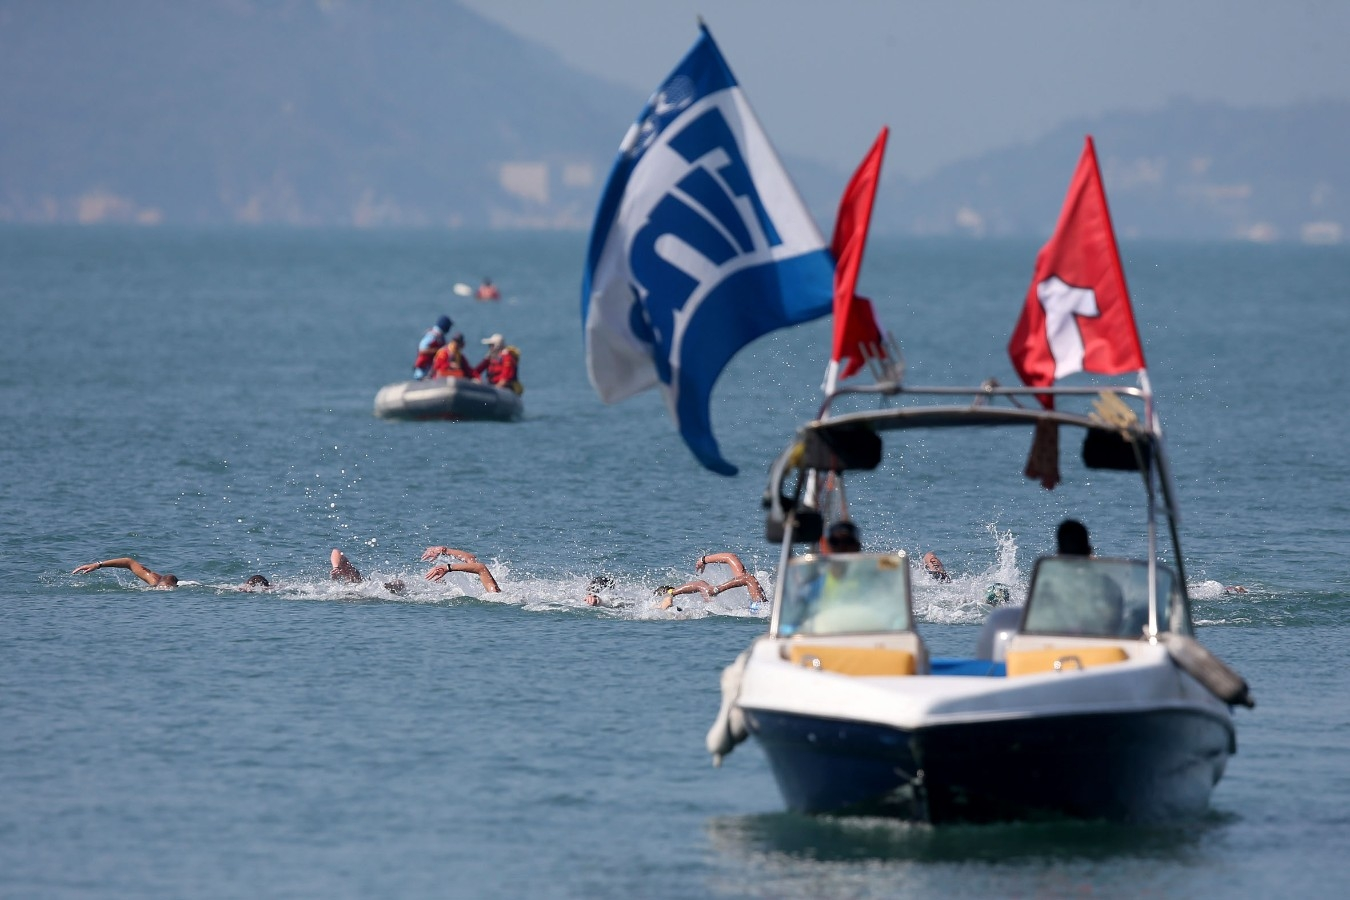 Copa do Mundo de Maratonas Aquaticas, etapa Travessia de Hong Kong na Repulse Bay . 18 de Outubro de 2014, Hong Kong. Foto: Satiro Sodre/SSPress.